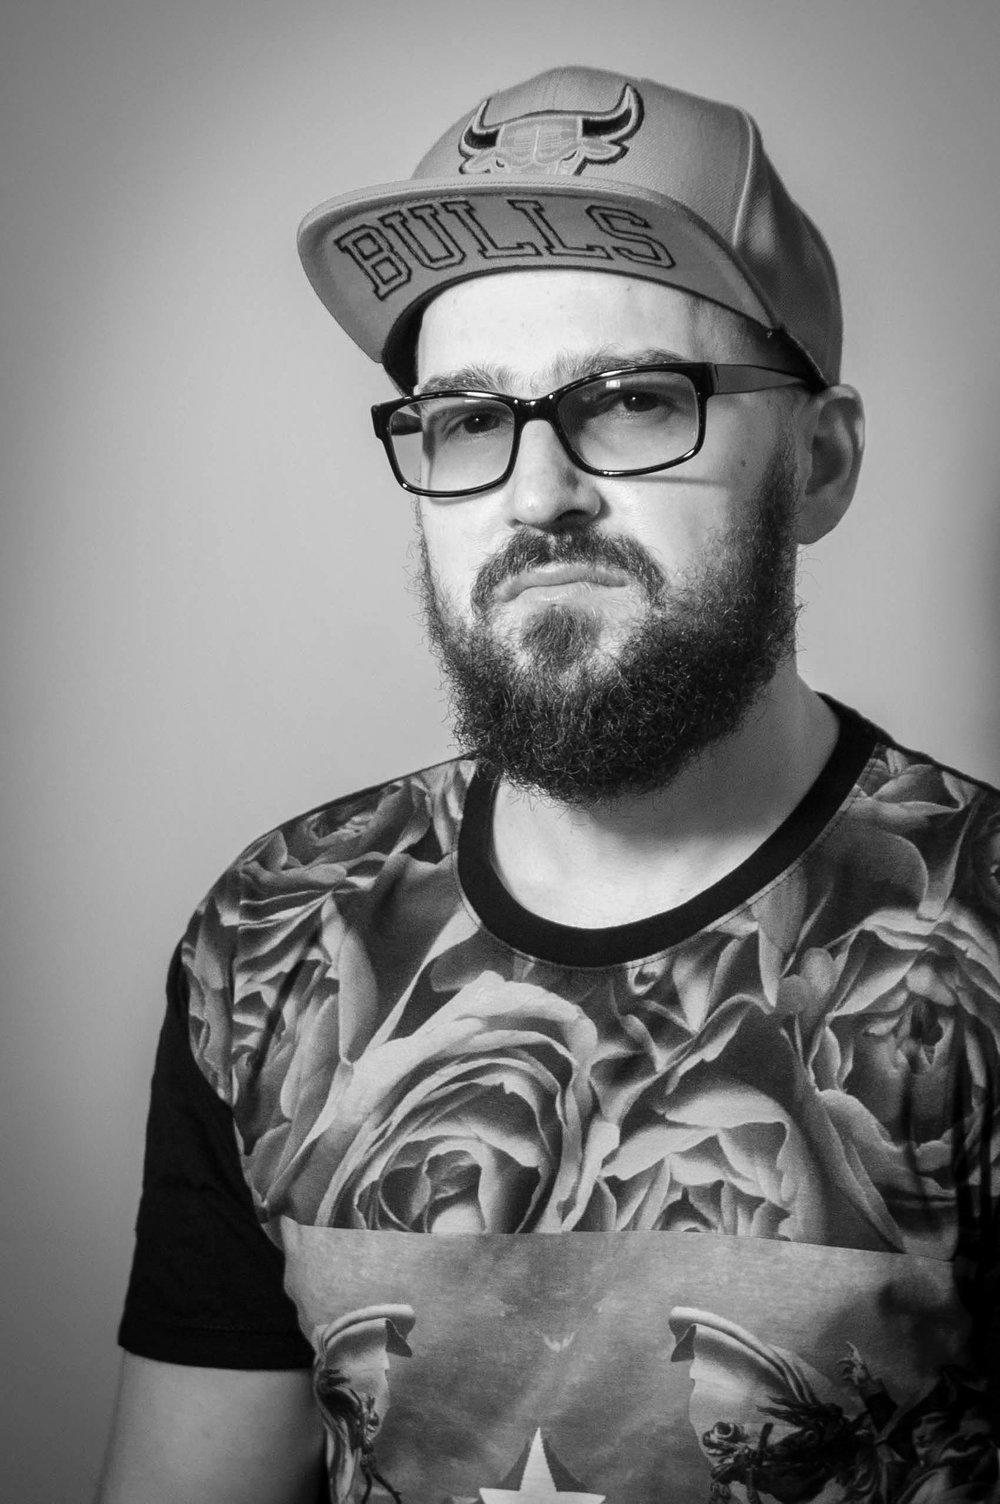 Szymon Piotrowski